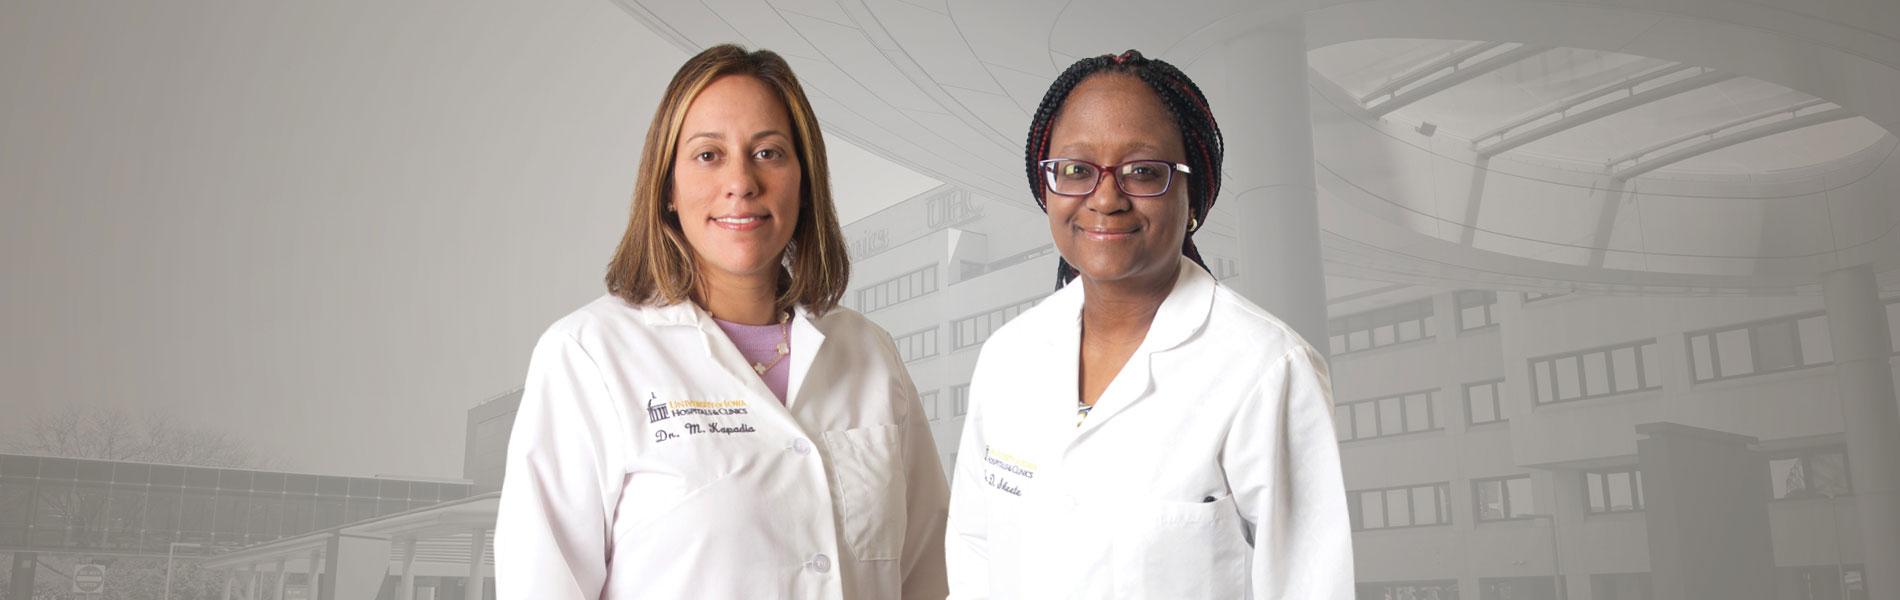 Drs. Skeet and Kapadia